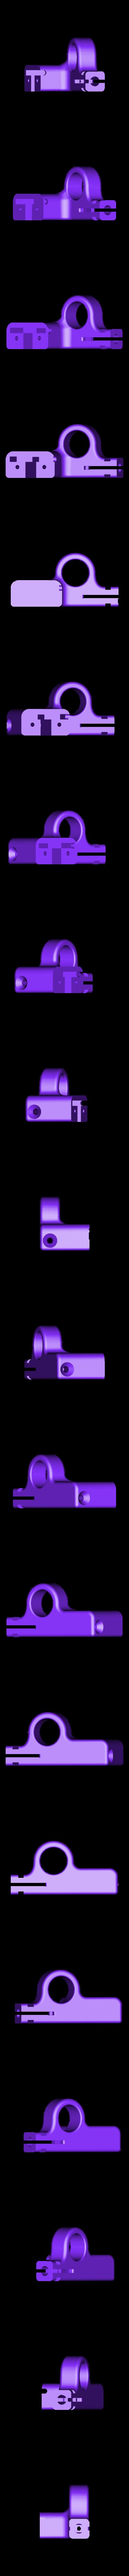 FSR_001_BODY_03_Gator.STL Télécharger fichier STL gratuit Capteur à filament pour Luzlbot TAZ 6 (2.85mm design) • Modèle pour impression 3D, sneaks